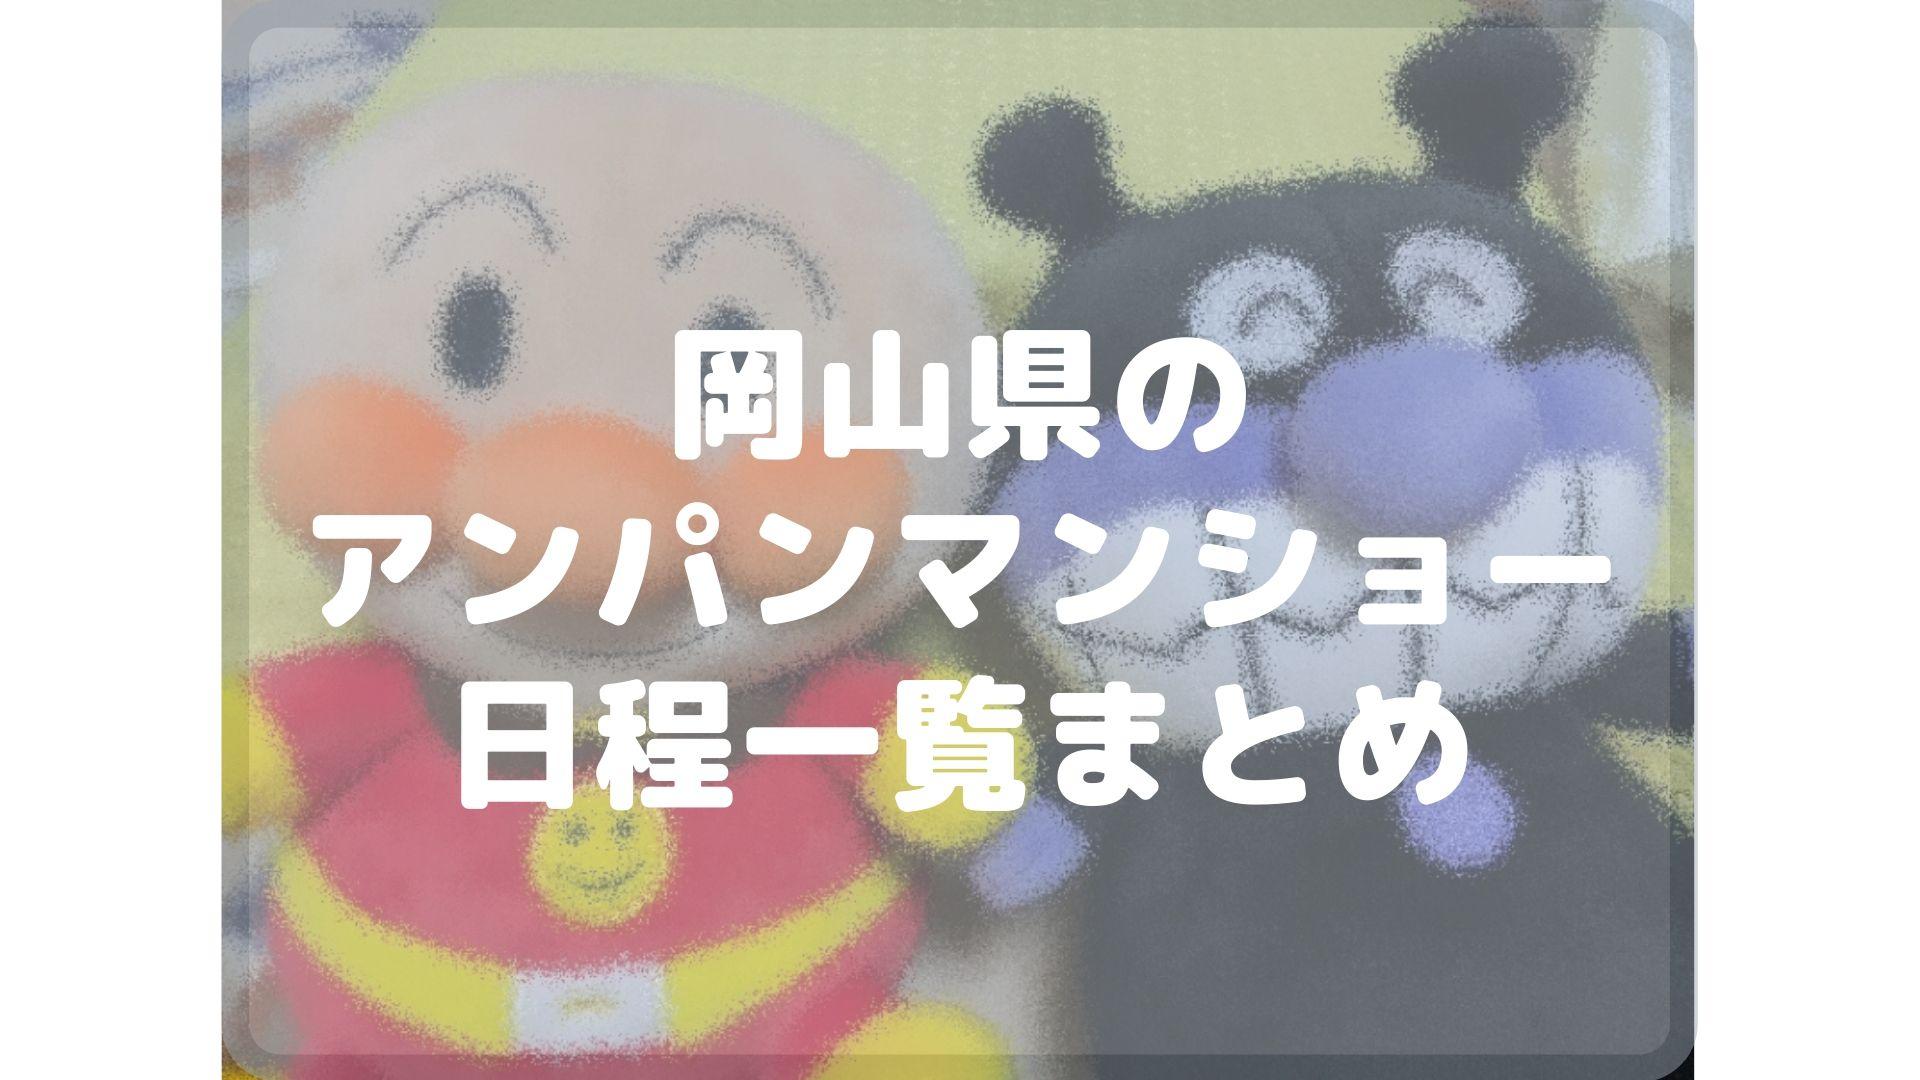 岡山県のアンパンマンショーまとめタイトル画像